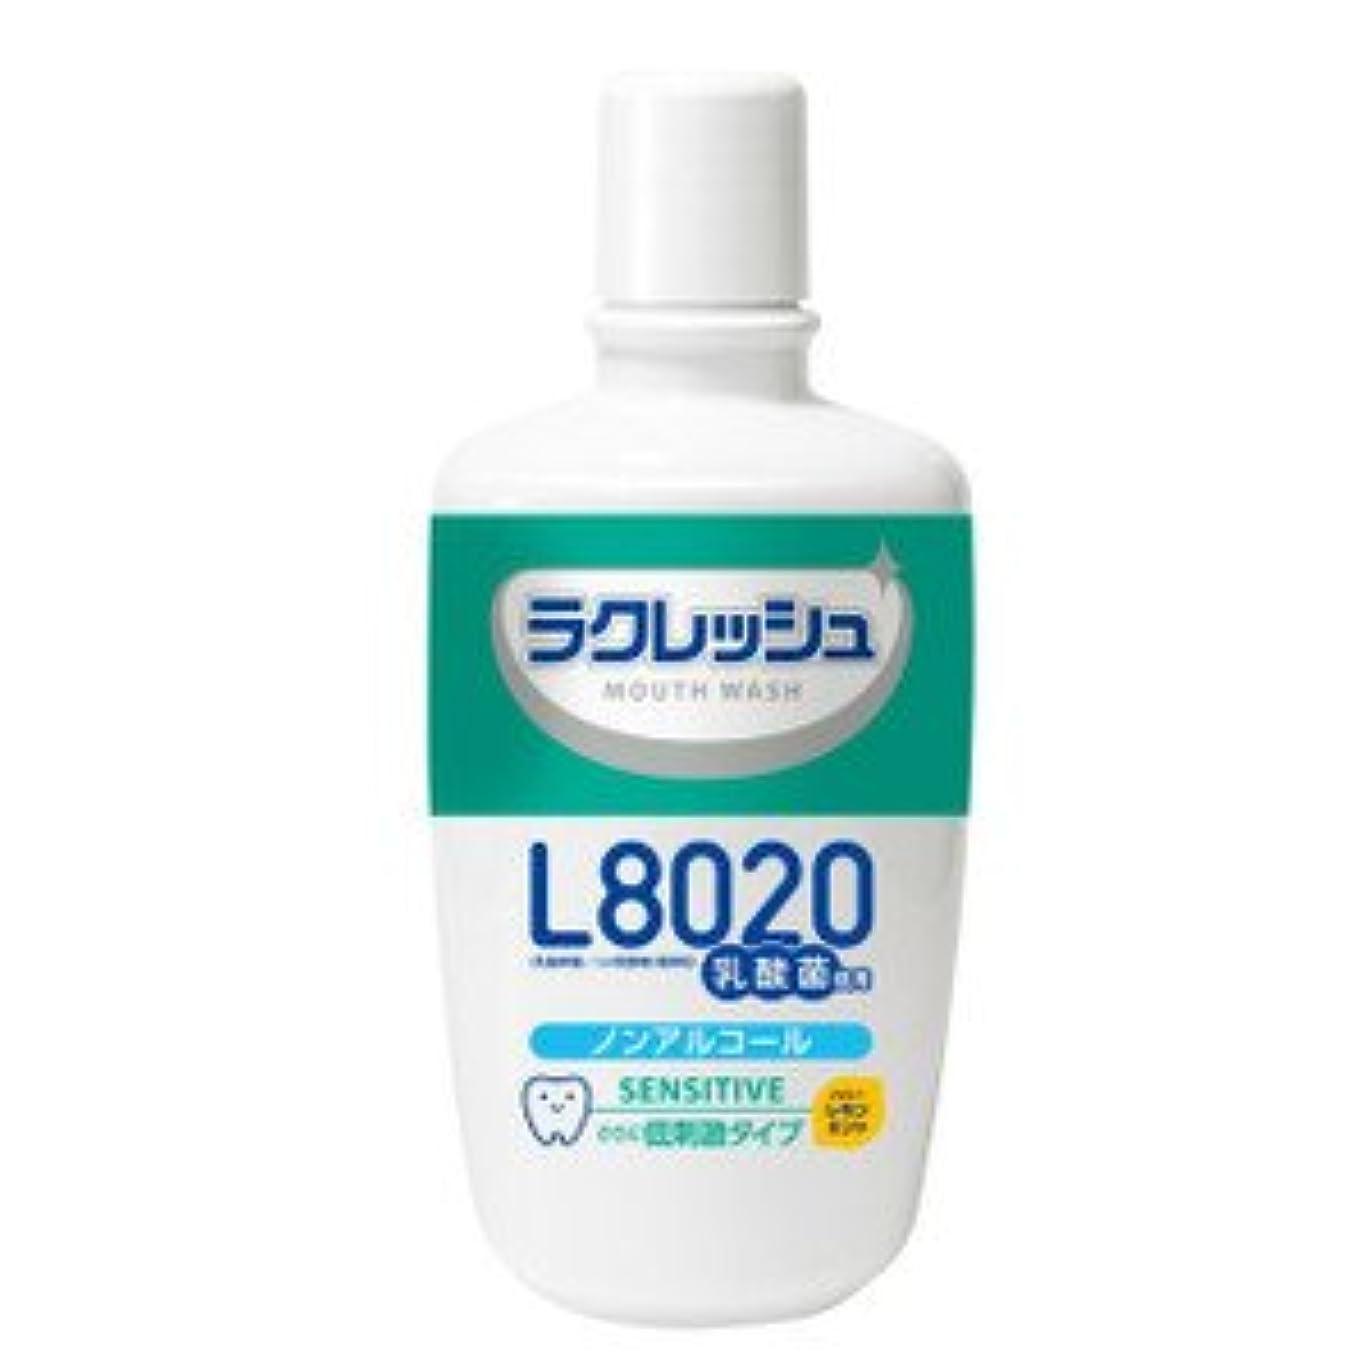 ジャケット社会科メロディアスジェクス ラクレッシュ L8020乳酸菌 マウスウォッシュ 洗口液センシティブタイプ 300ml×10個セット